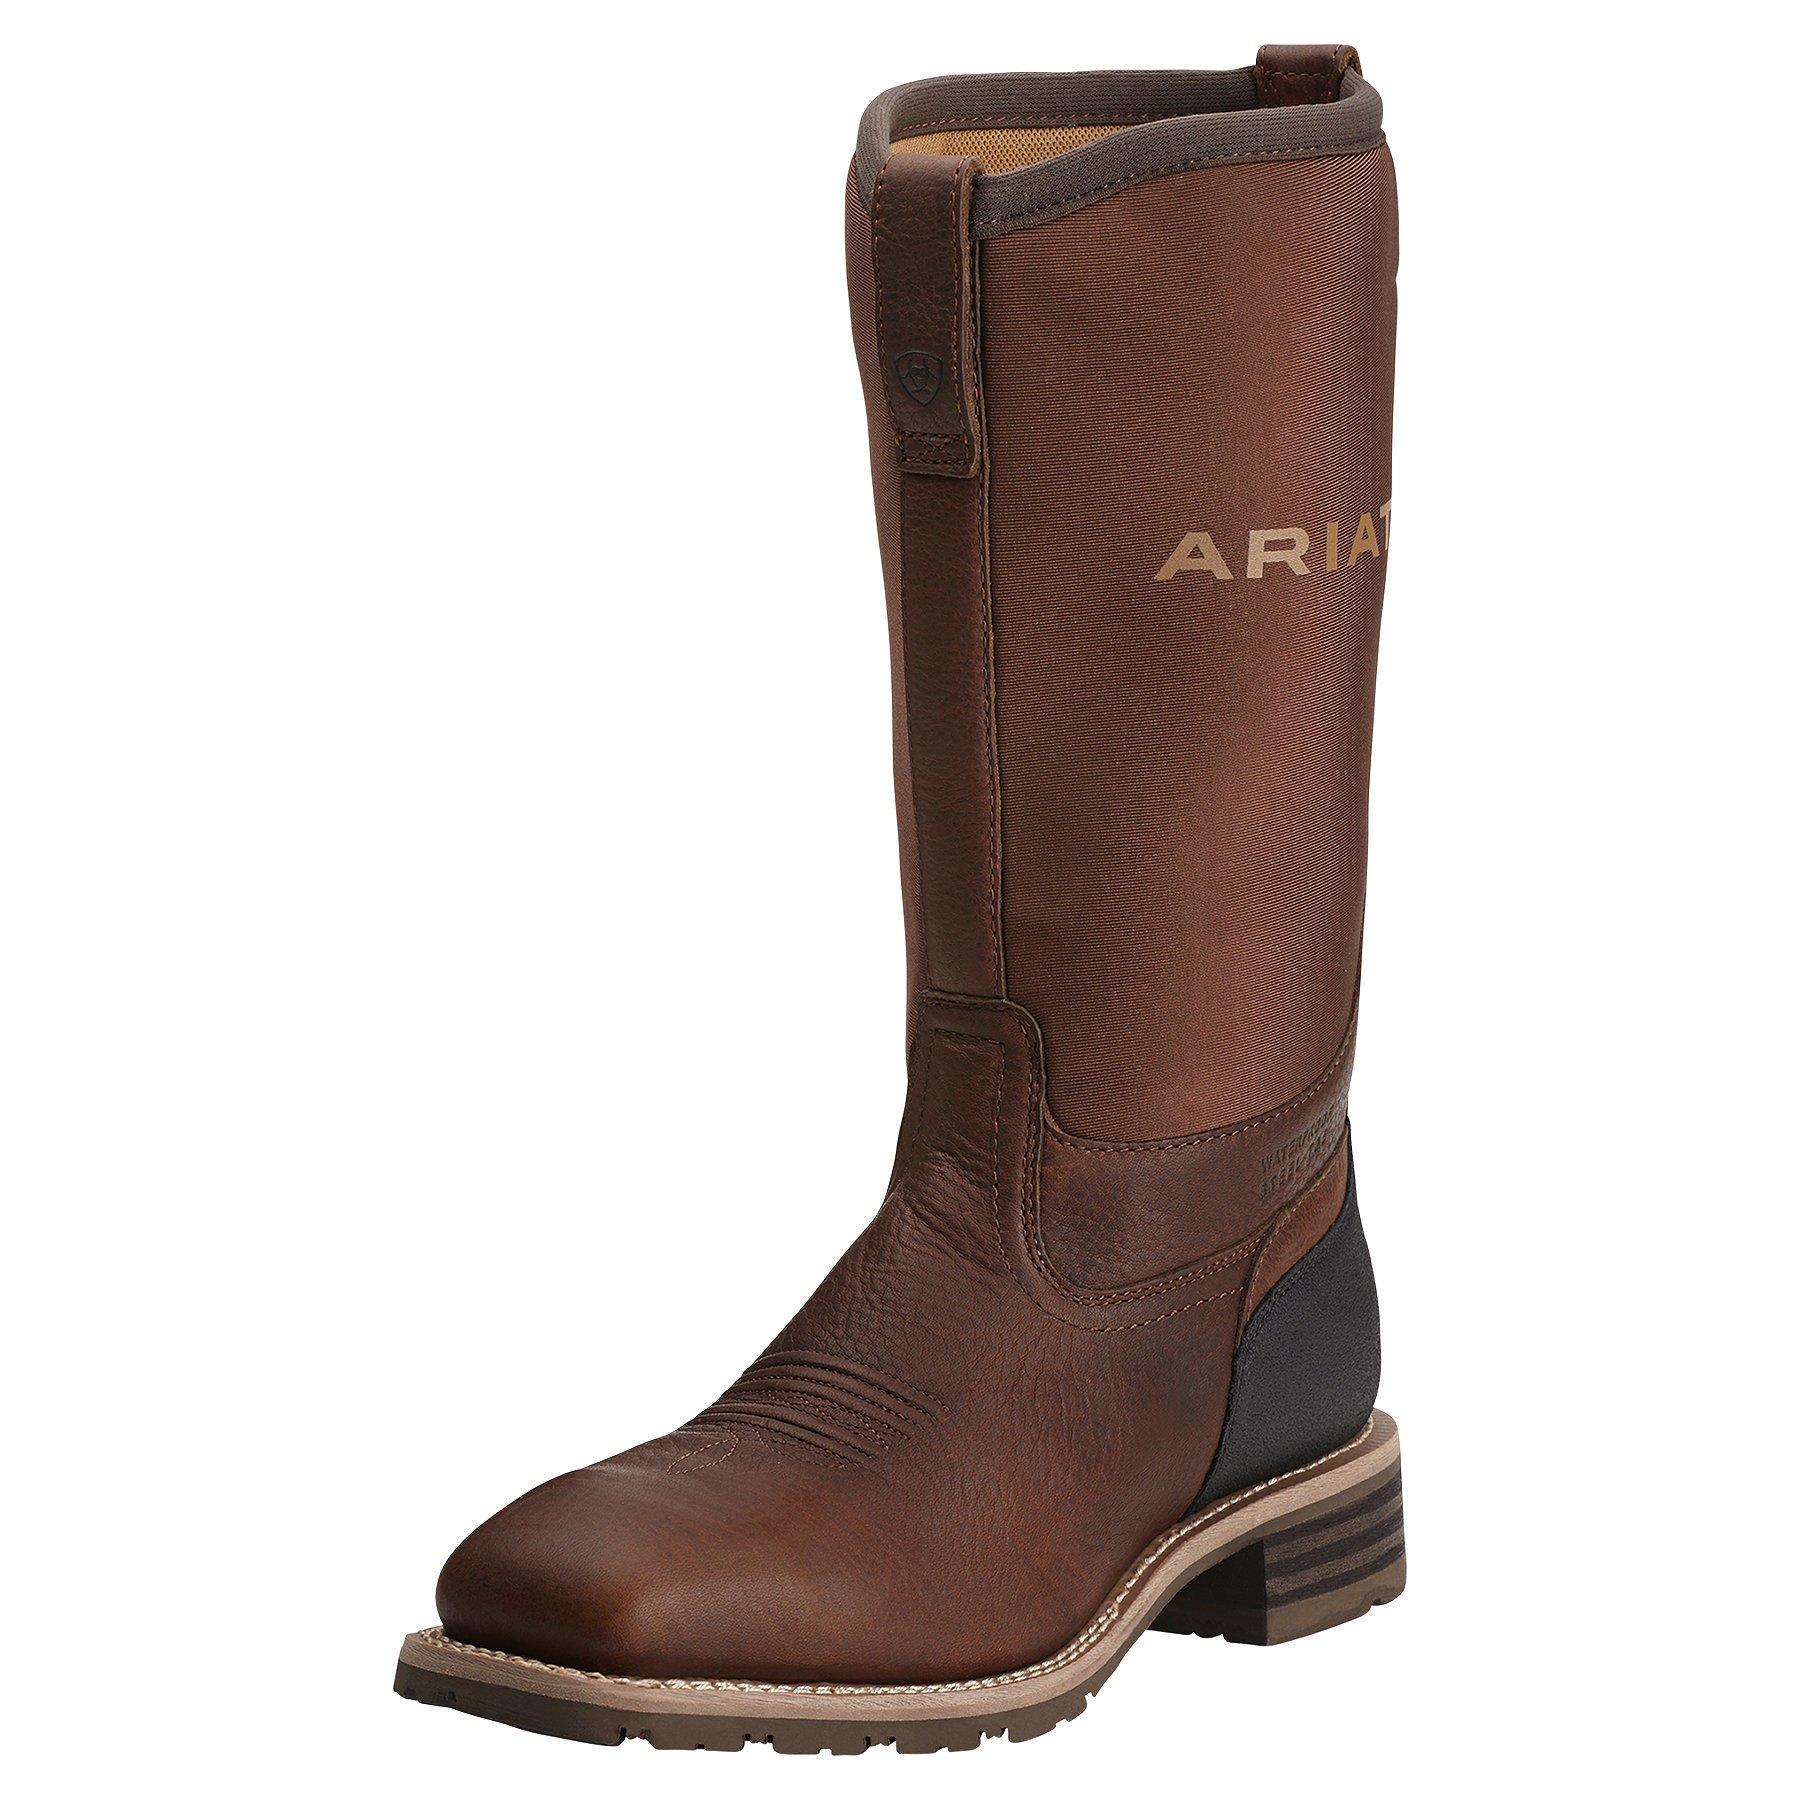 Ariat Men's Hybrid All Weather Steel Toe Western Cowboy Boot, Oiled Brown/Brown Neoprene, 10.5 M US